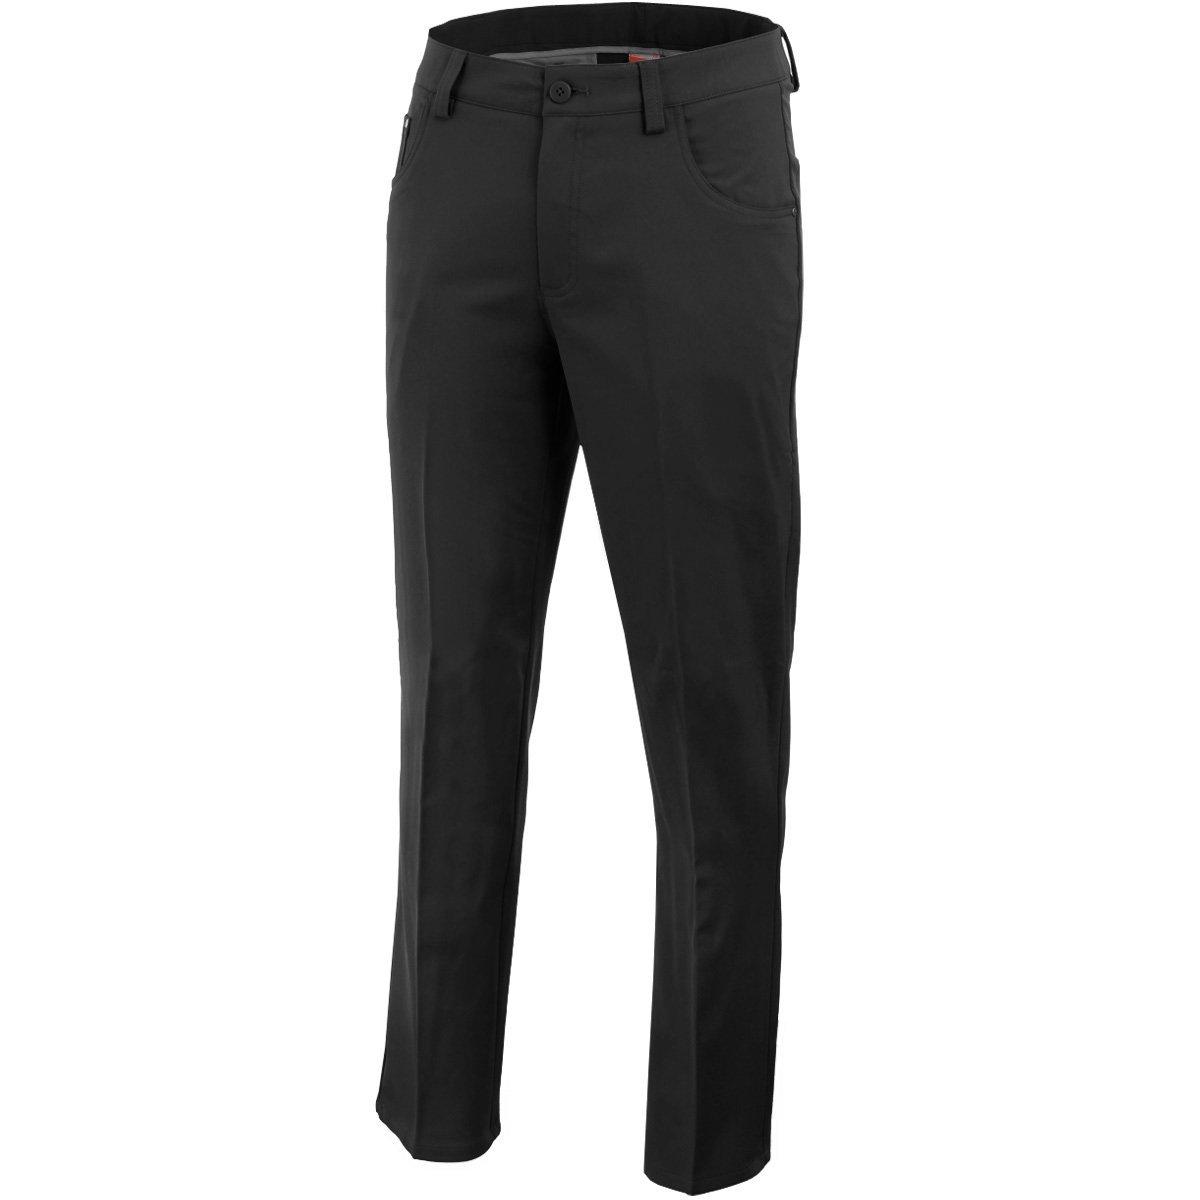 e140571e244f Get Quotations · Puma Golf Men s 6 Pocket Tech Golf Pants - US 32-32 - Black